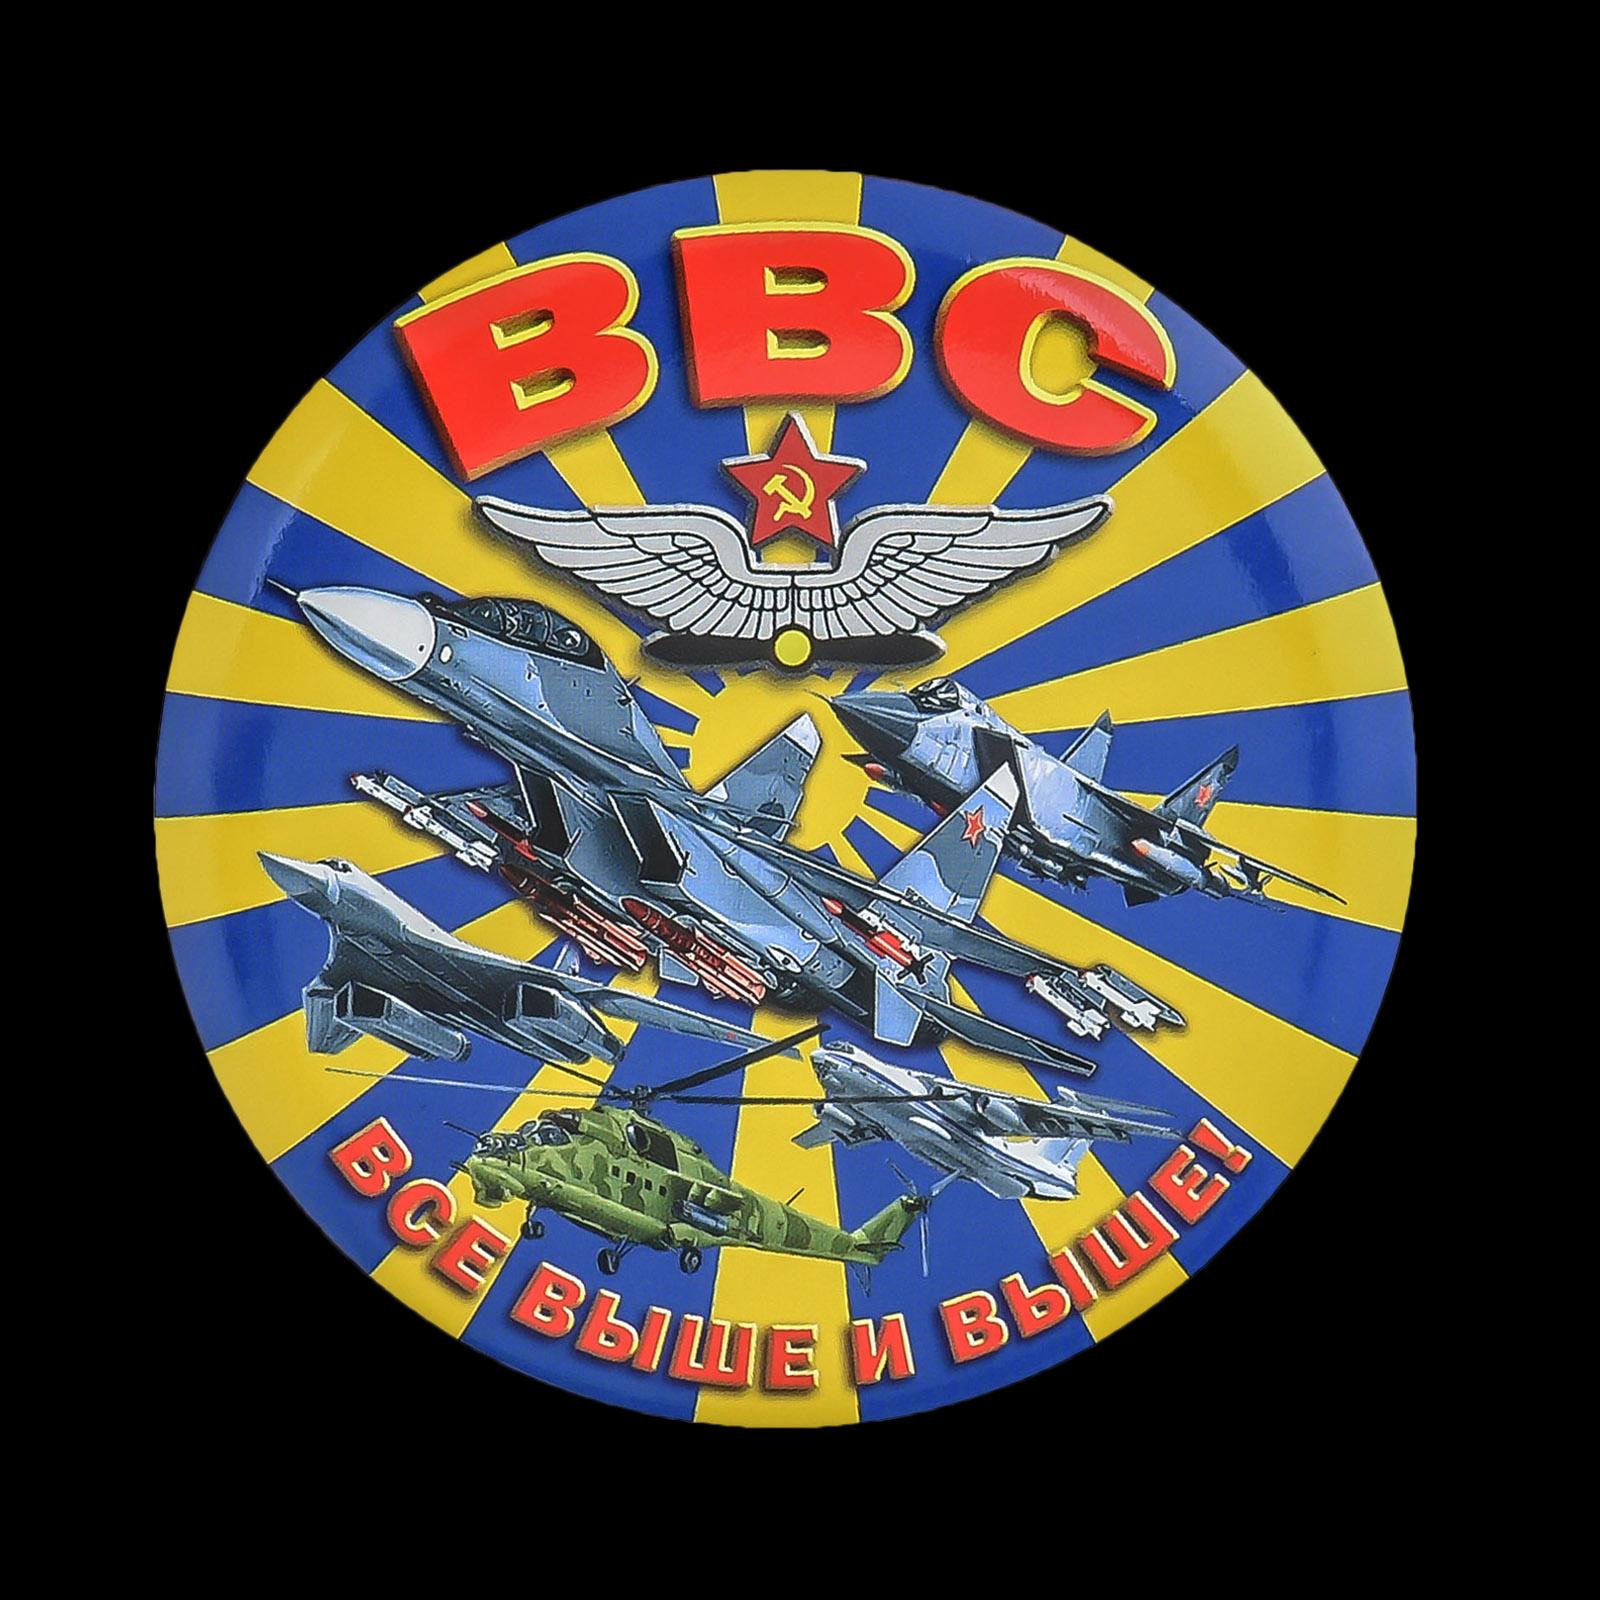 Закатный значок с символикой ВВС